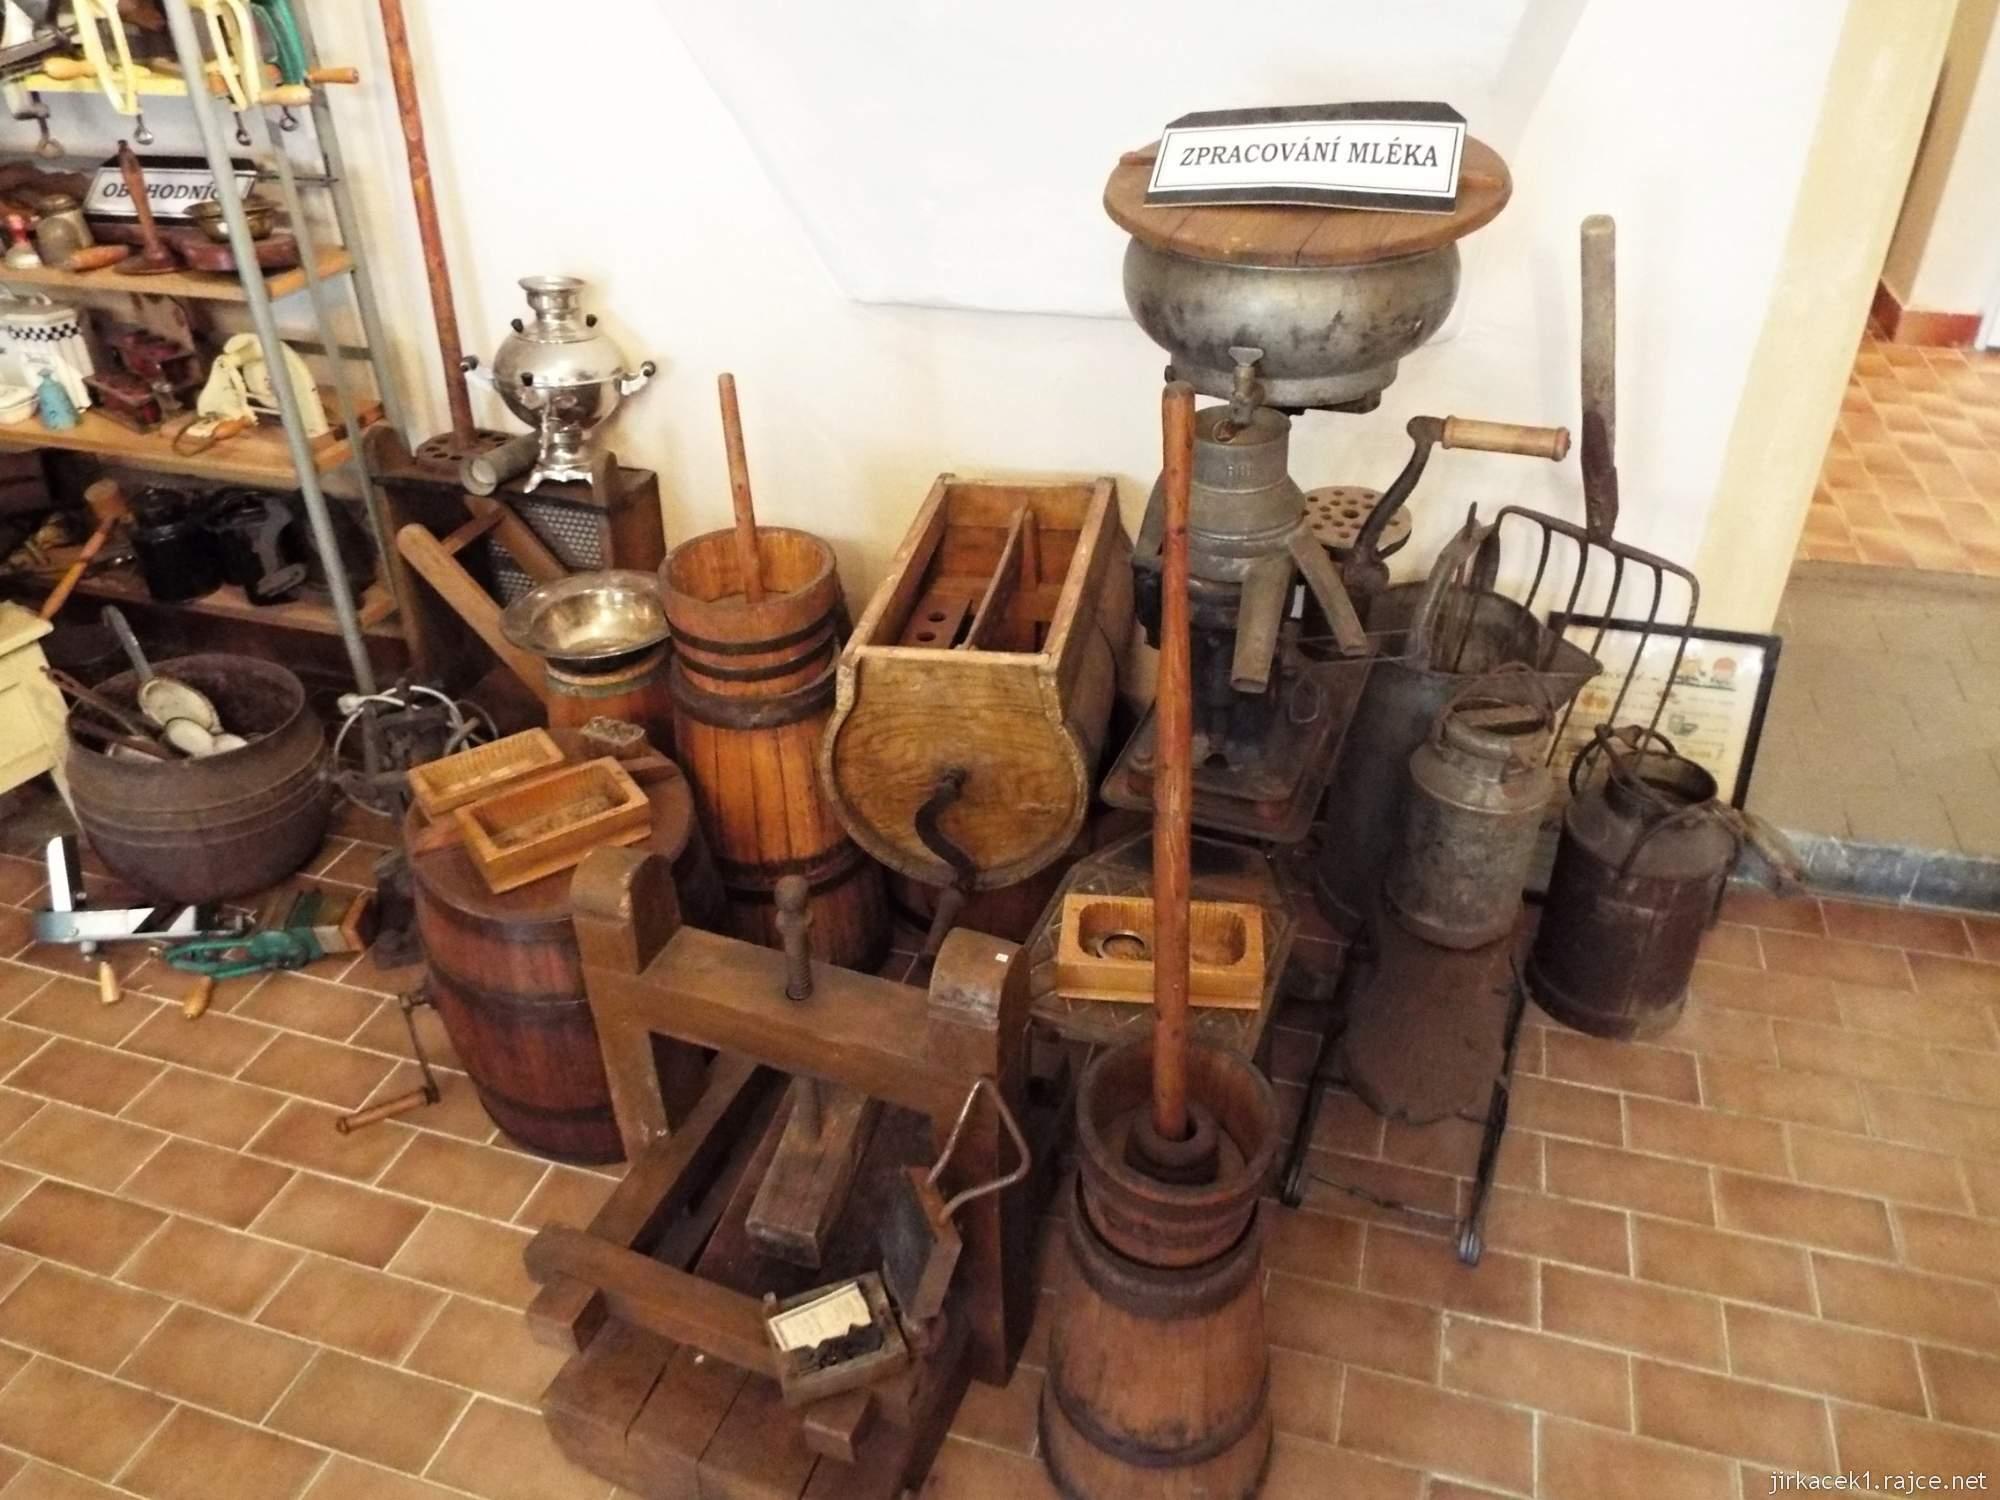 zámek Konice - muzeum řemesel v 1.místnosti - expozice výroby mléka